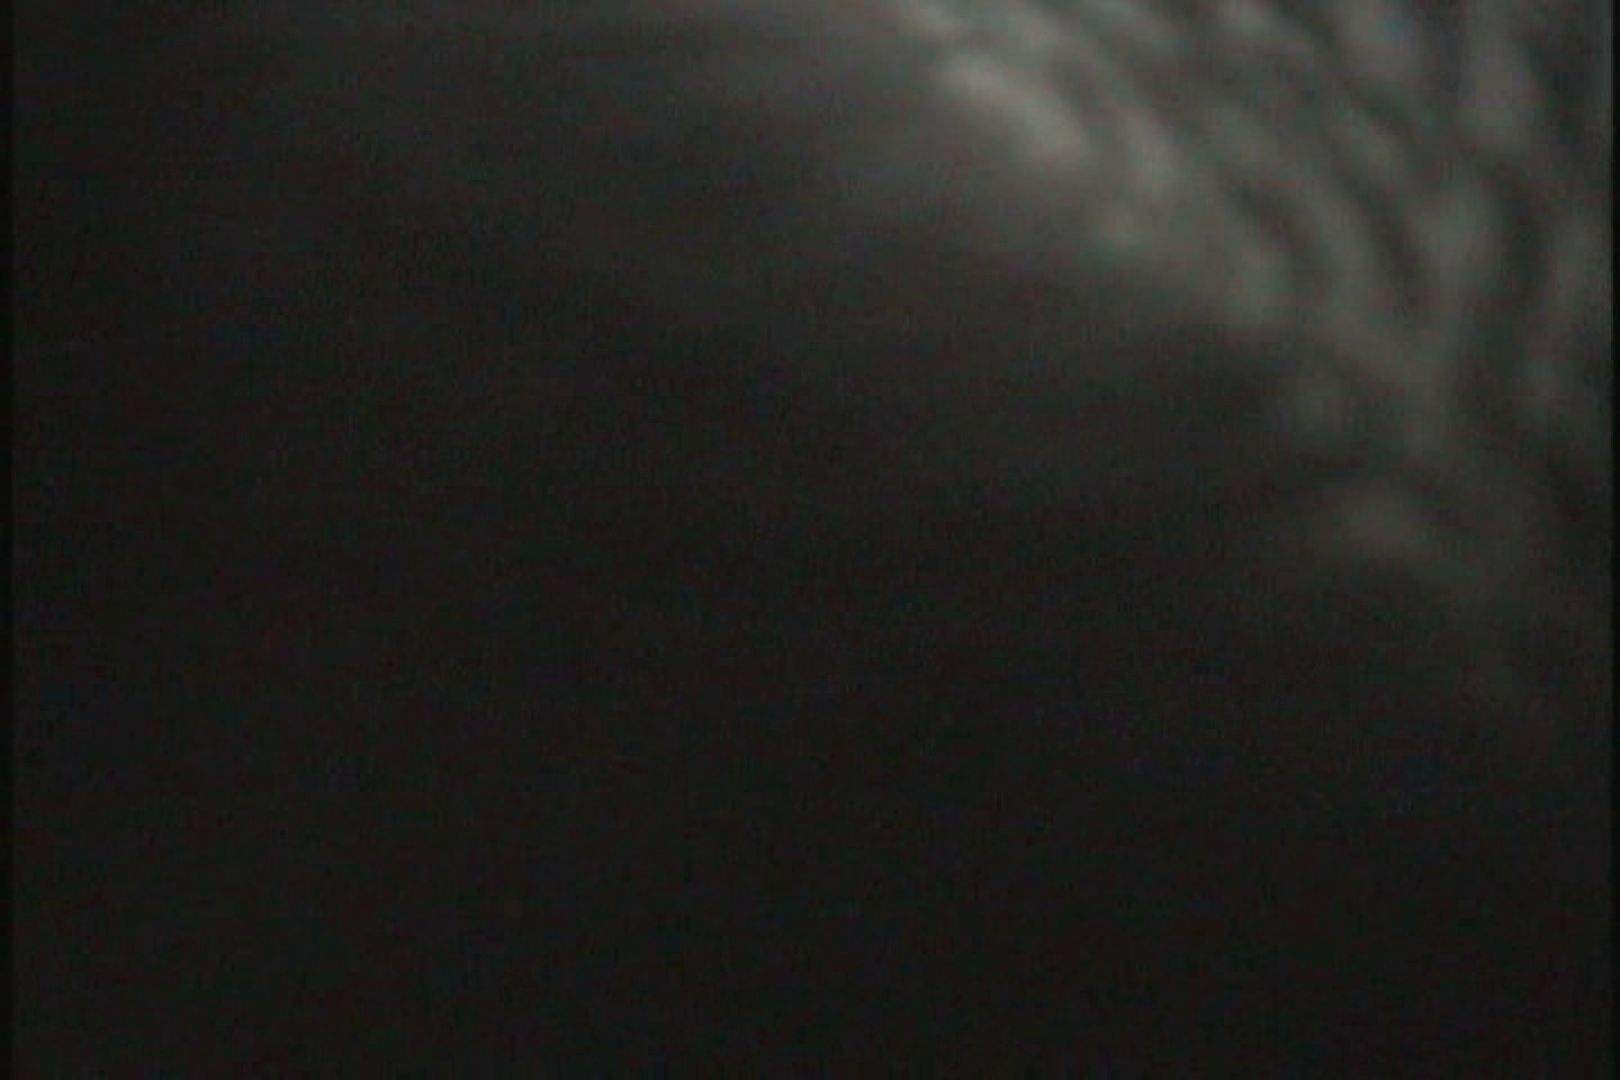 歯科衛生士バージンアラサー30歳まきVol.6 ローター ワレメ動画紹介 91画像 23